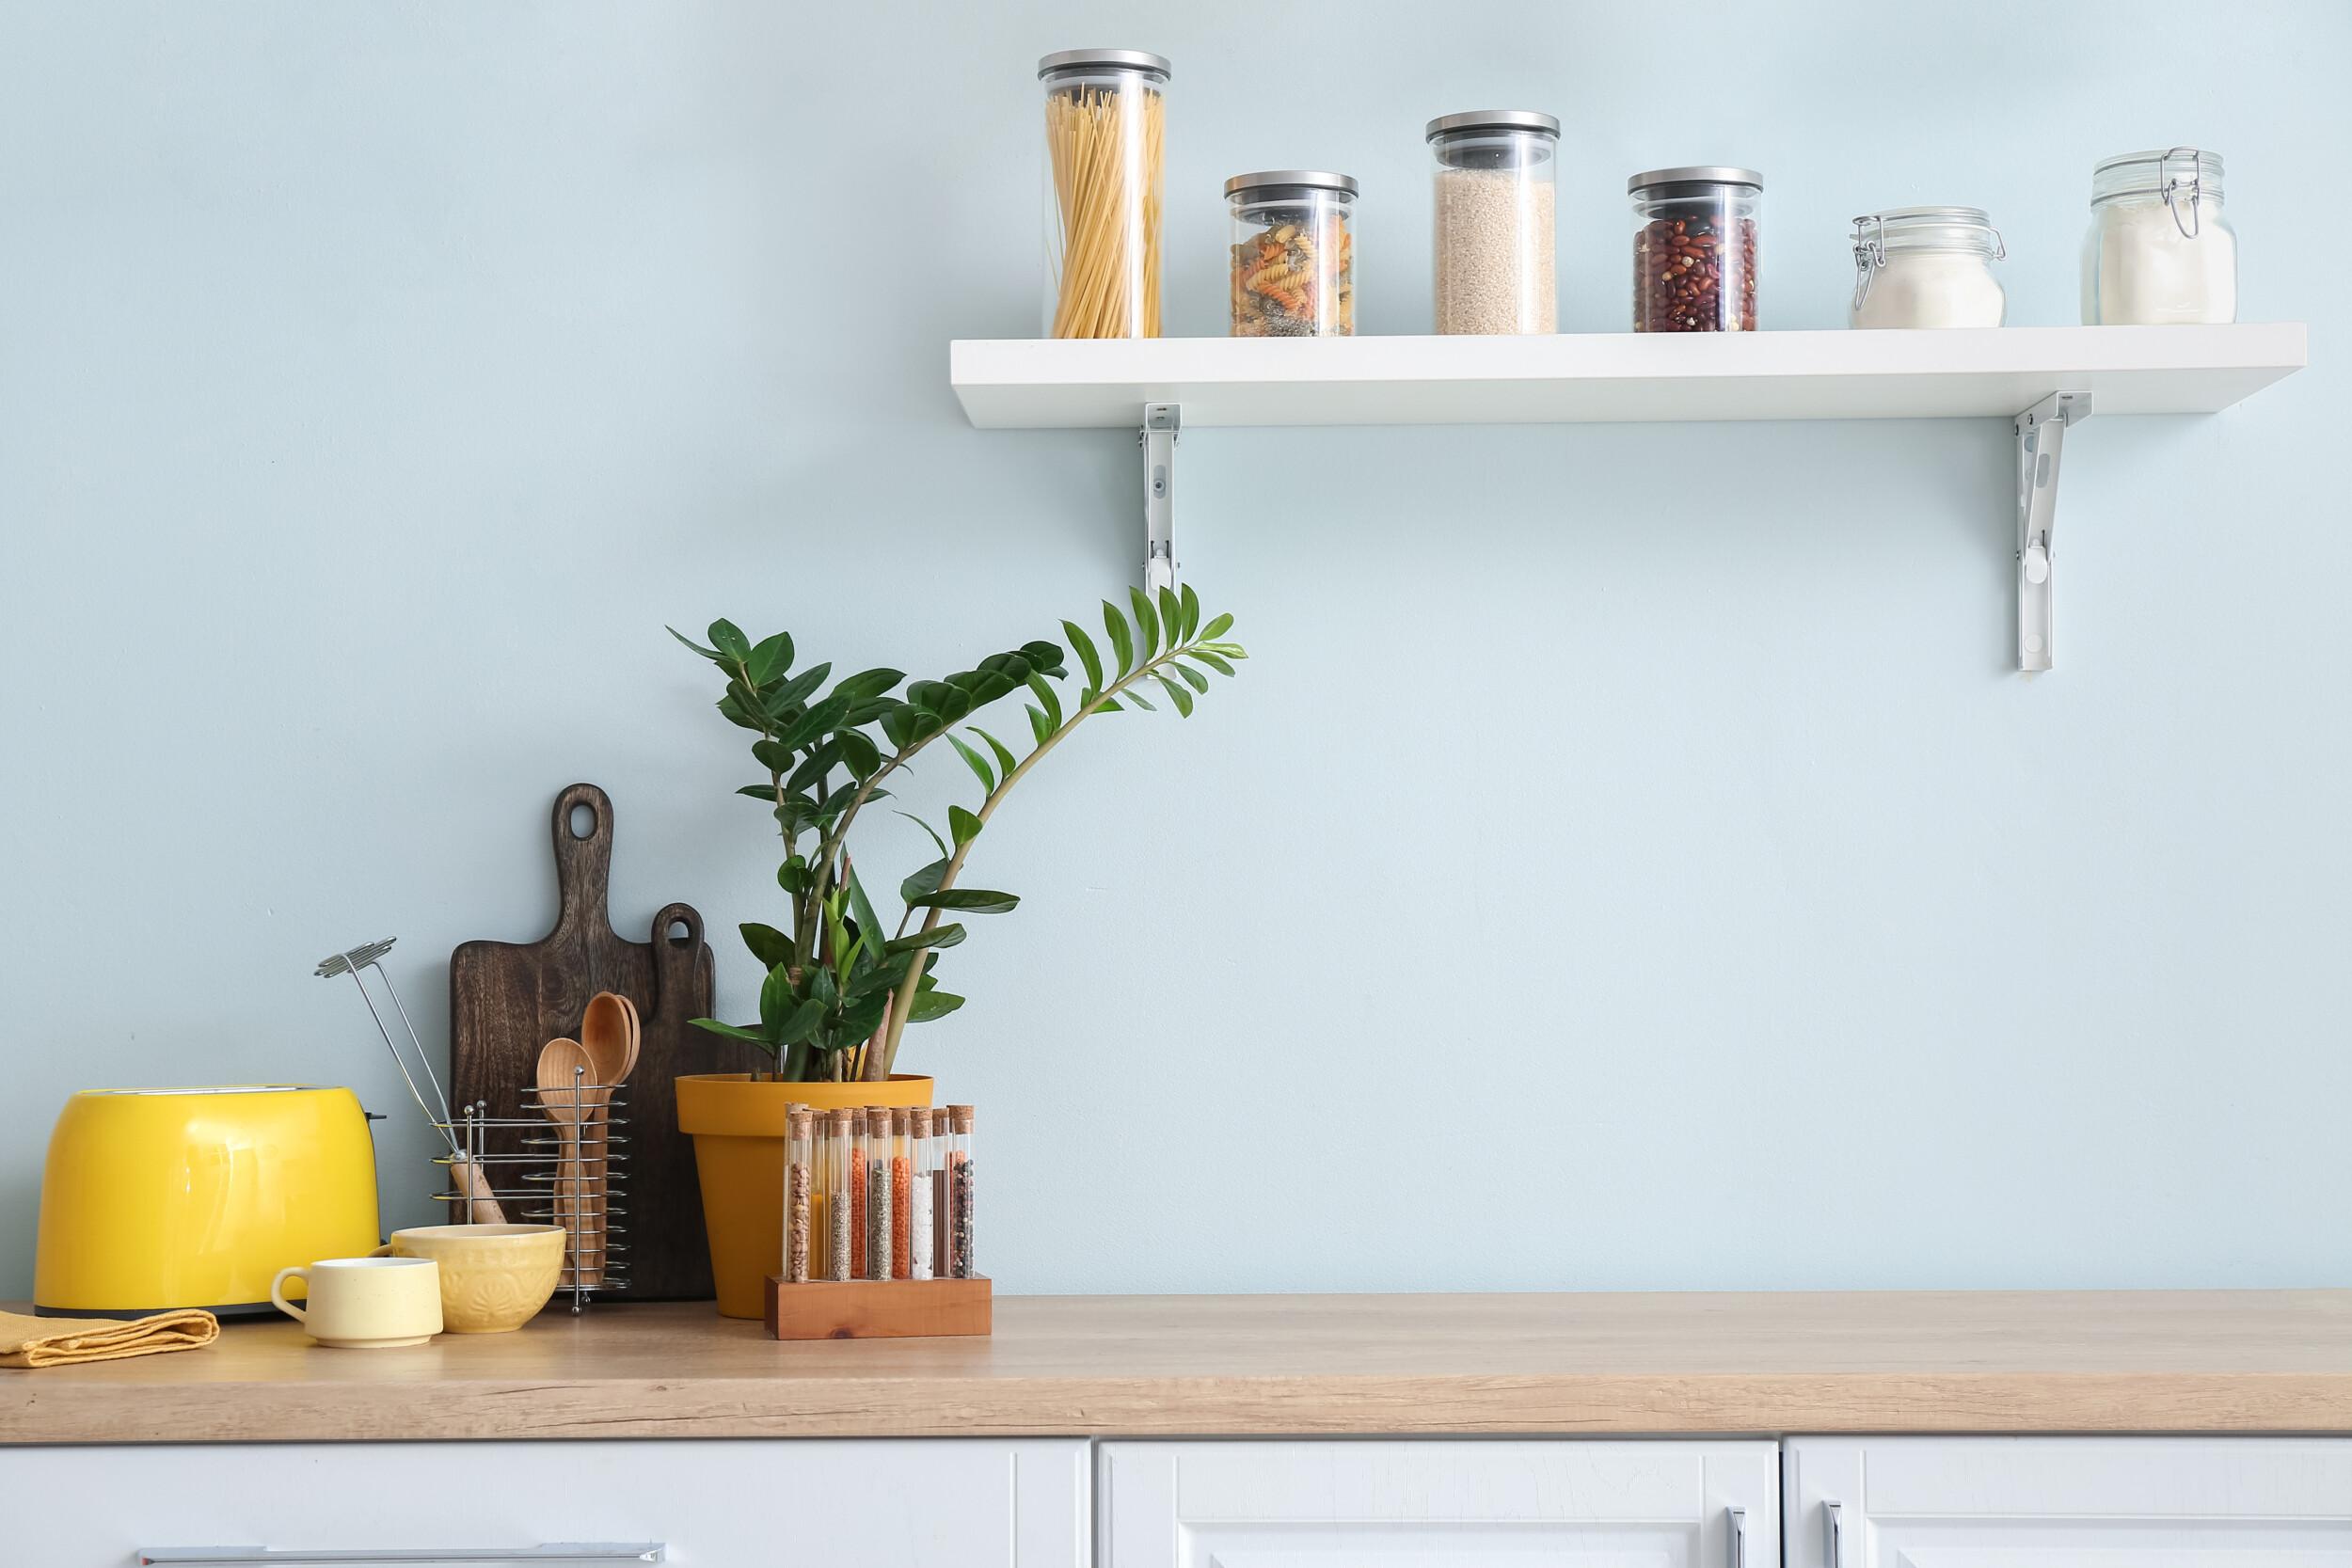 breezy blue kitchen interior